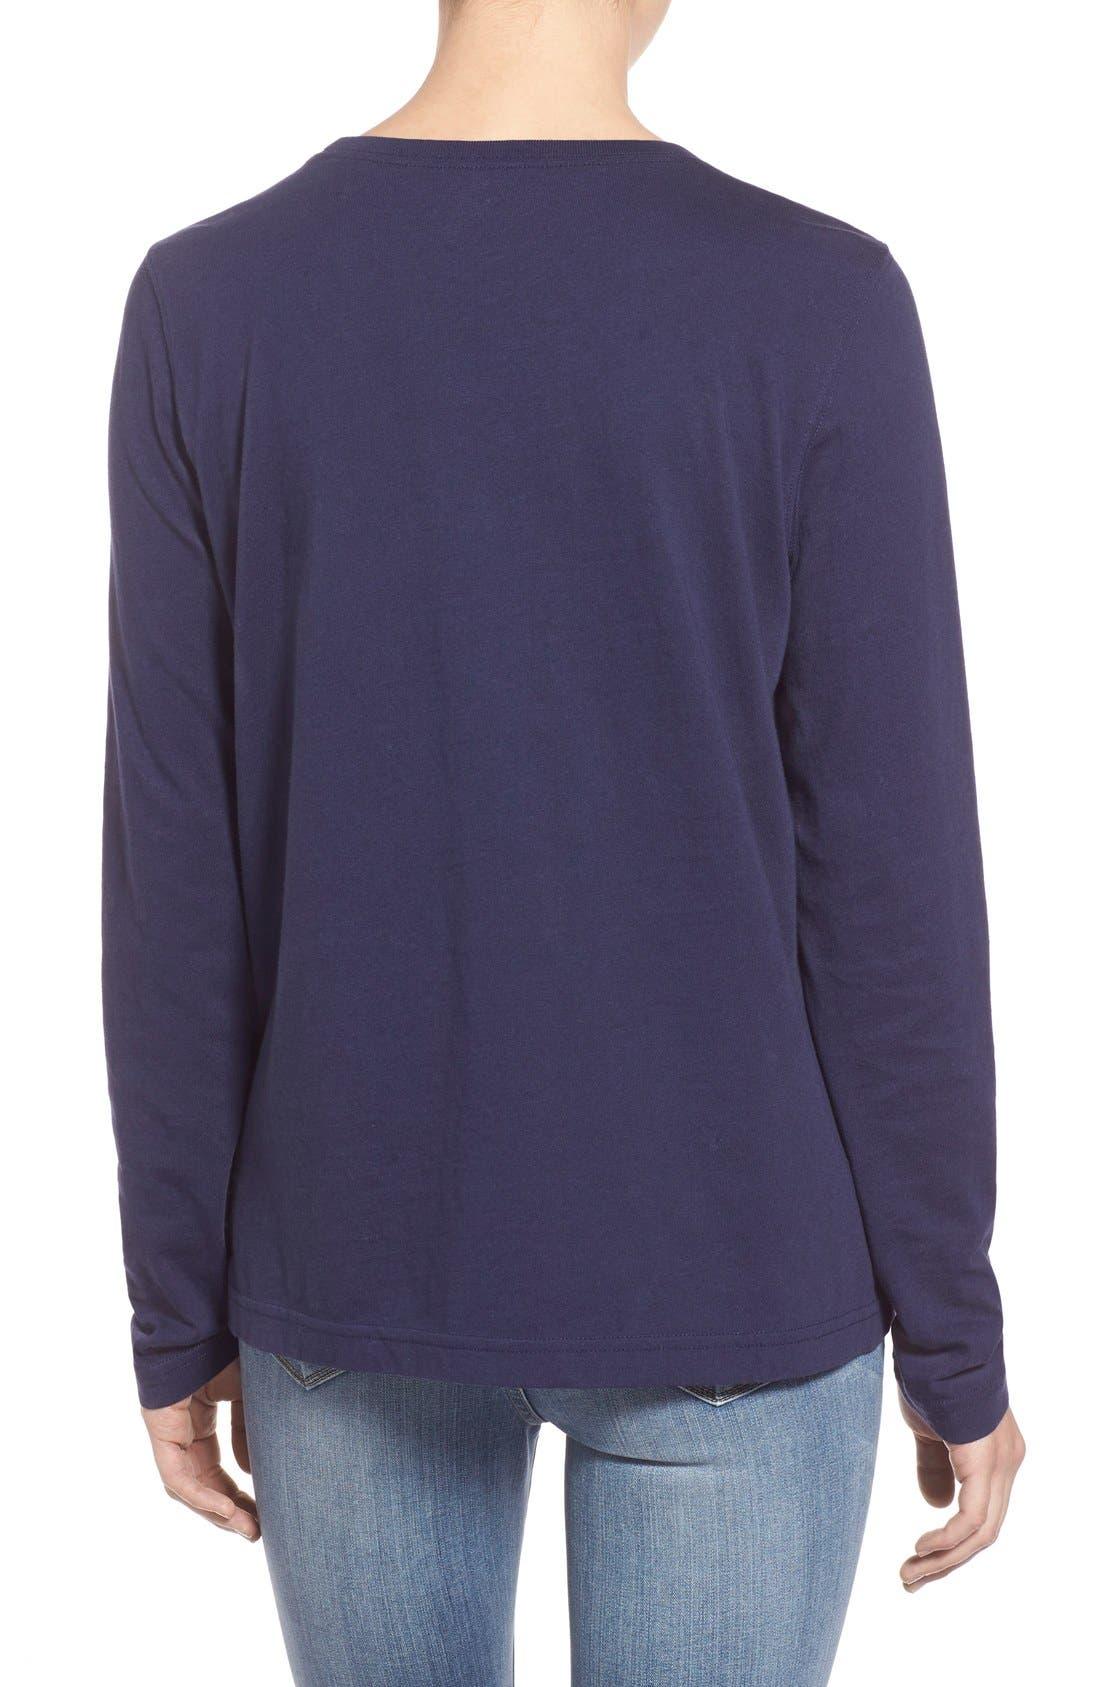 Alternate Image 3  - Vineyard Vines 'Collegiate' Long Sleeve Tee